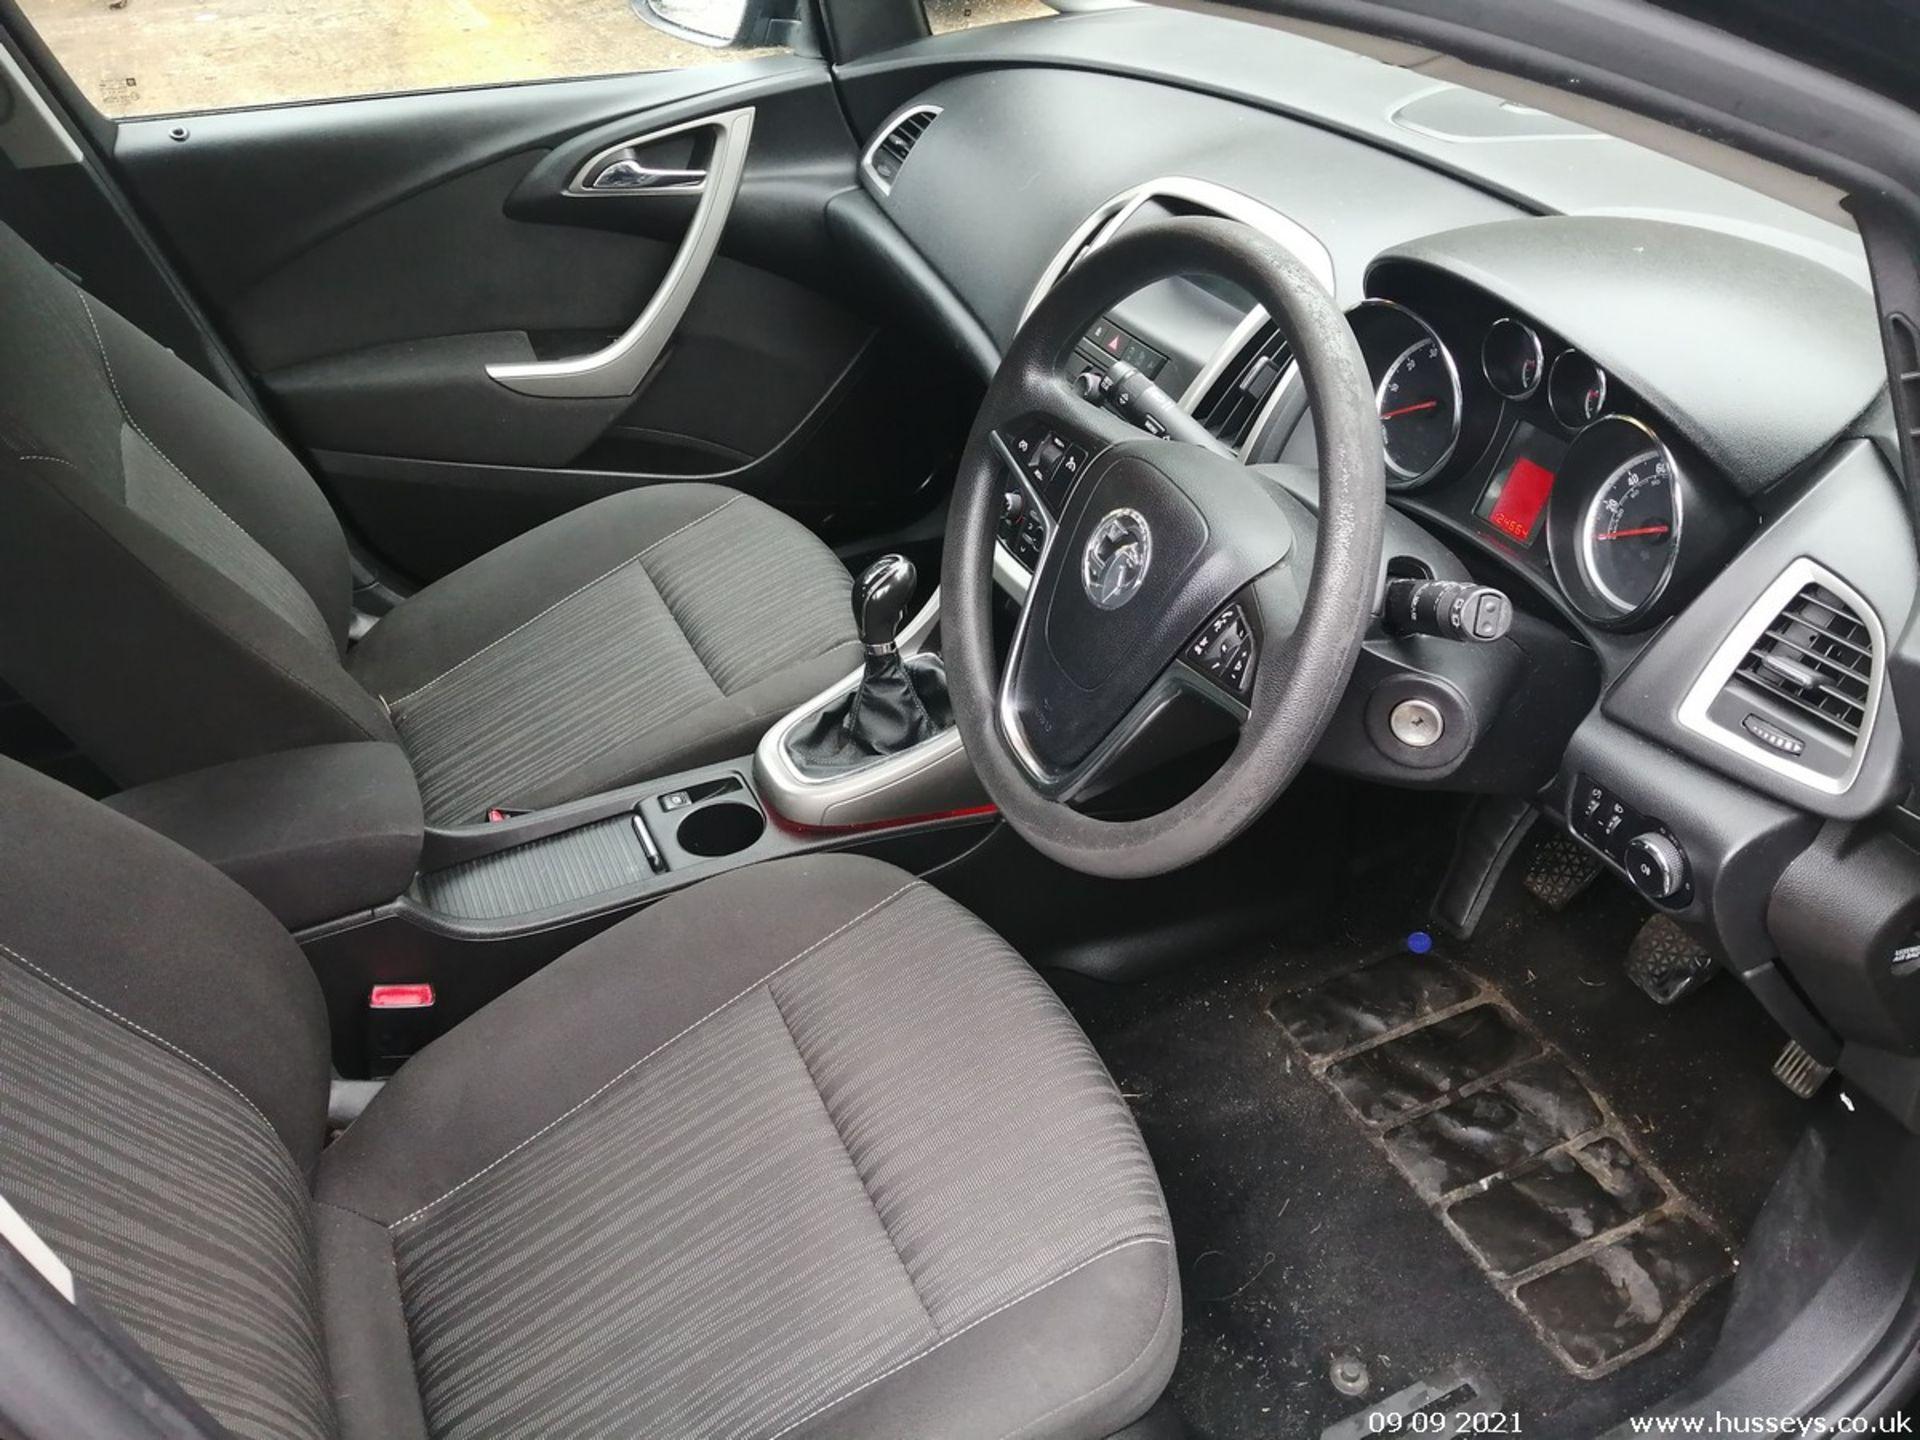 11/60 VAUXHALL ASTRA EXCLUSIV 98 - 1398cc 5dr Hatchback (Black, 124k) - Image 10 of 11